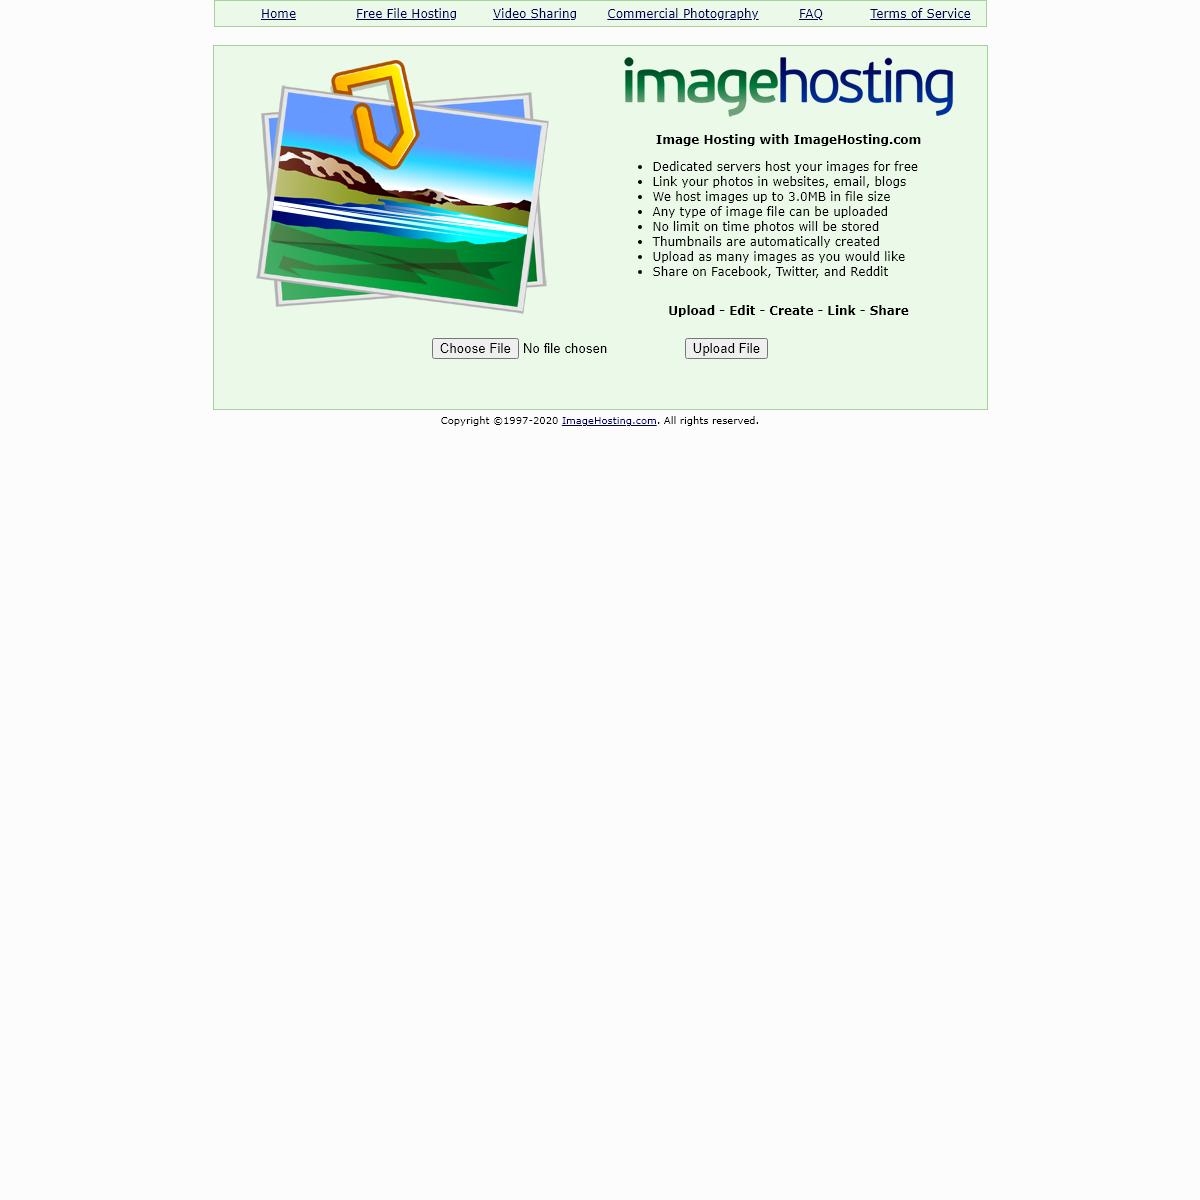 Image Hosting - ImageHosting.com